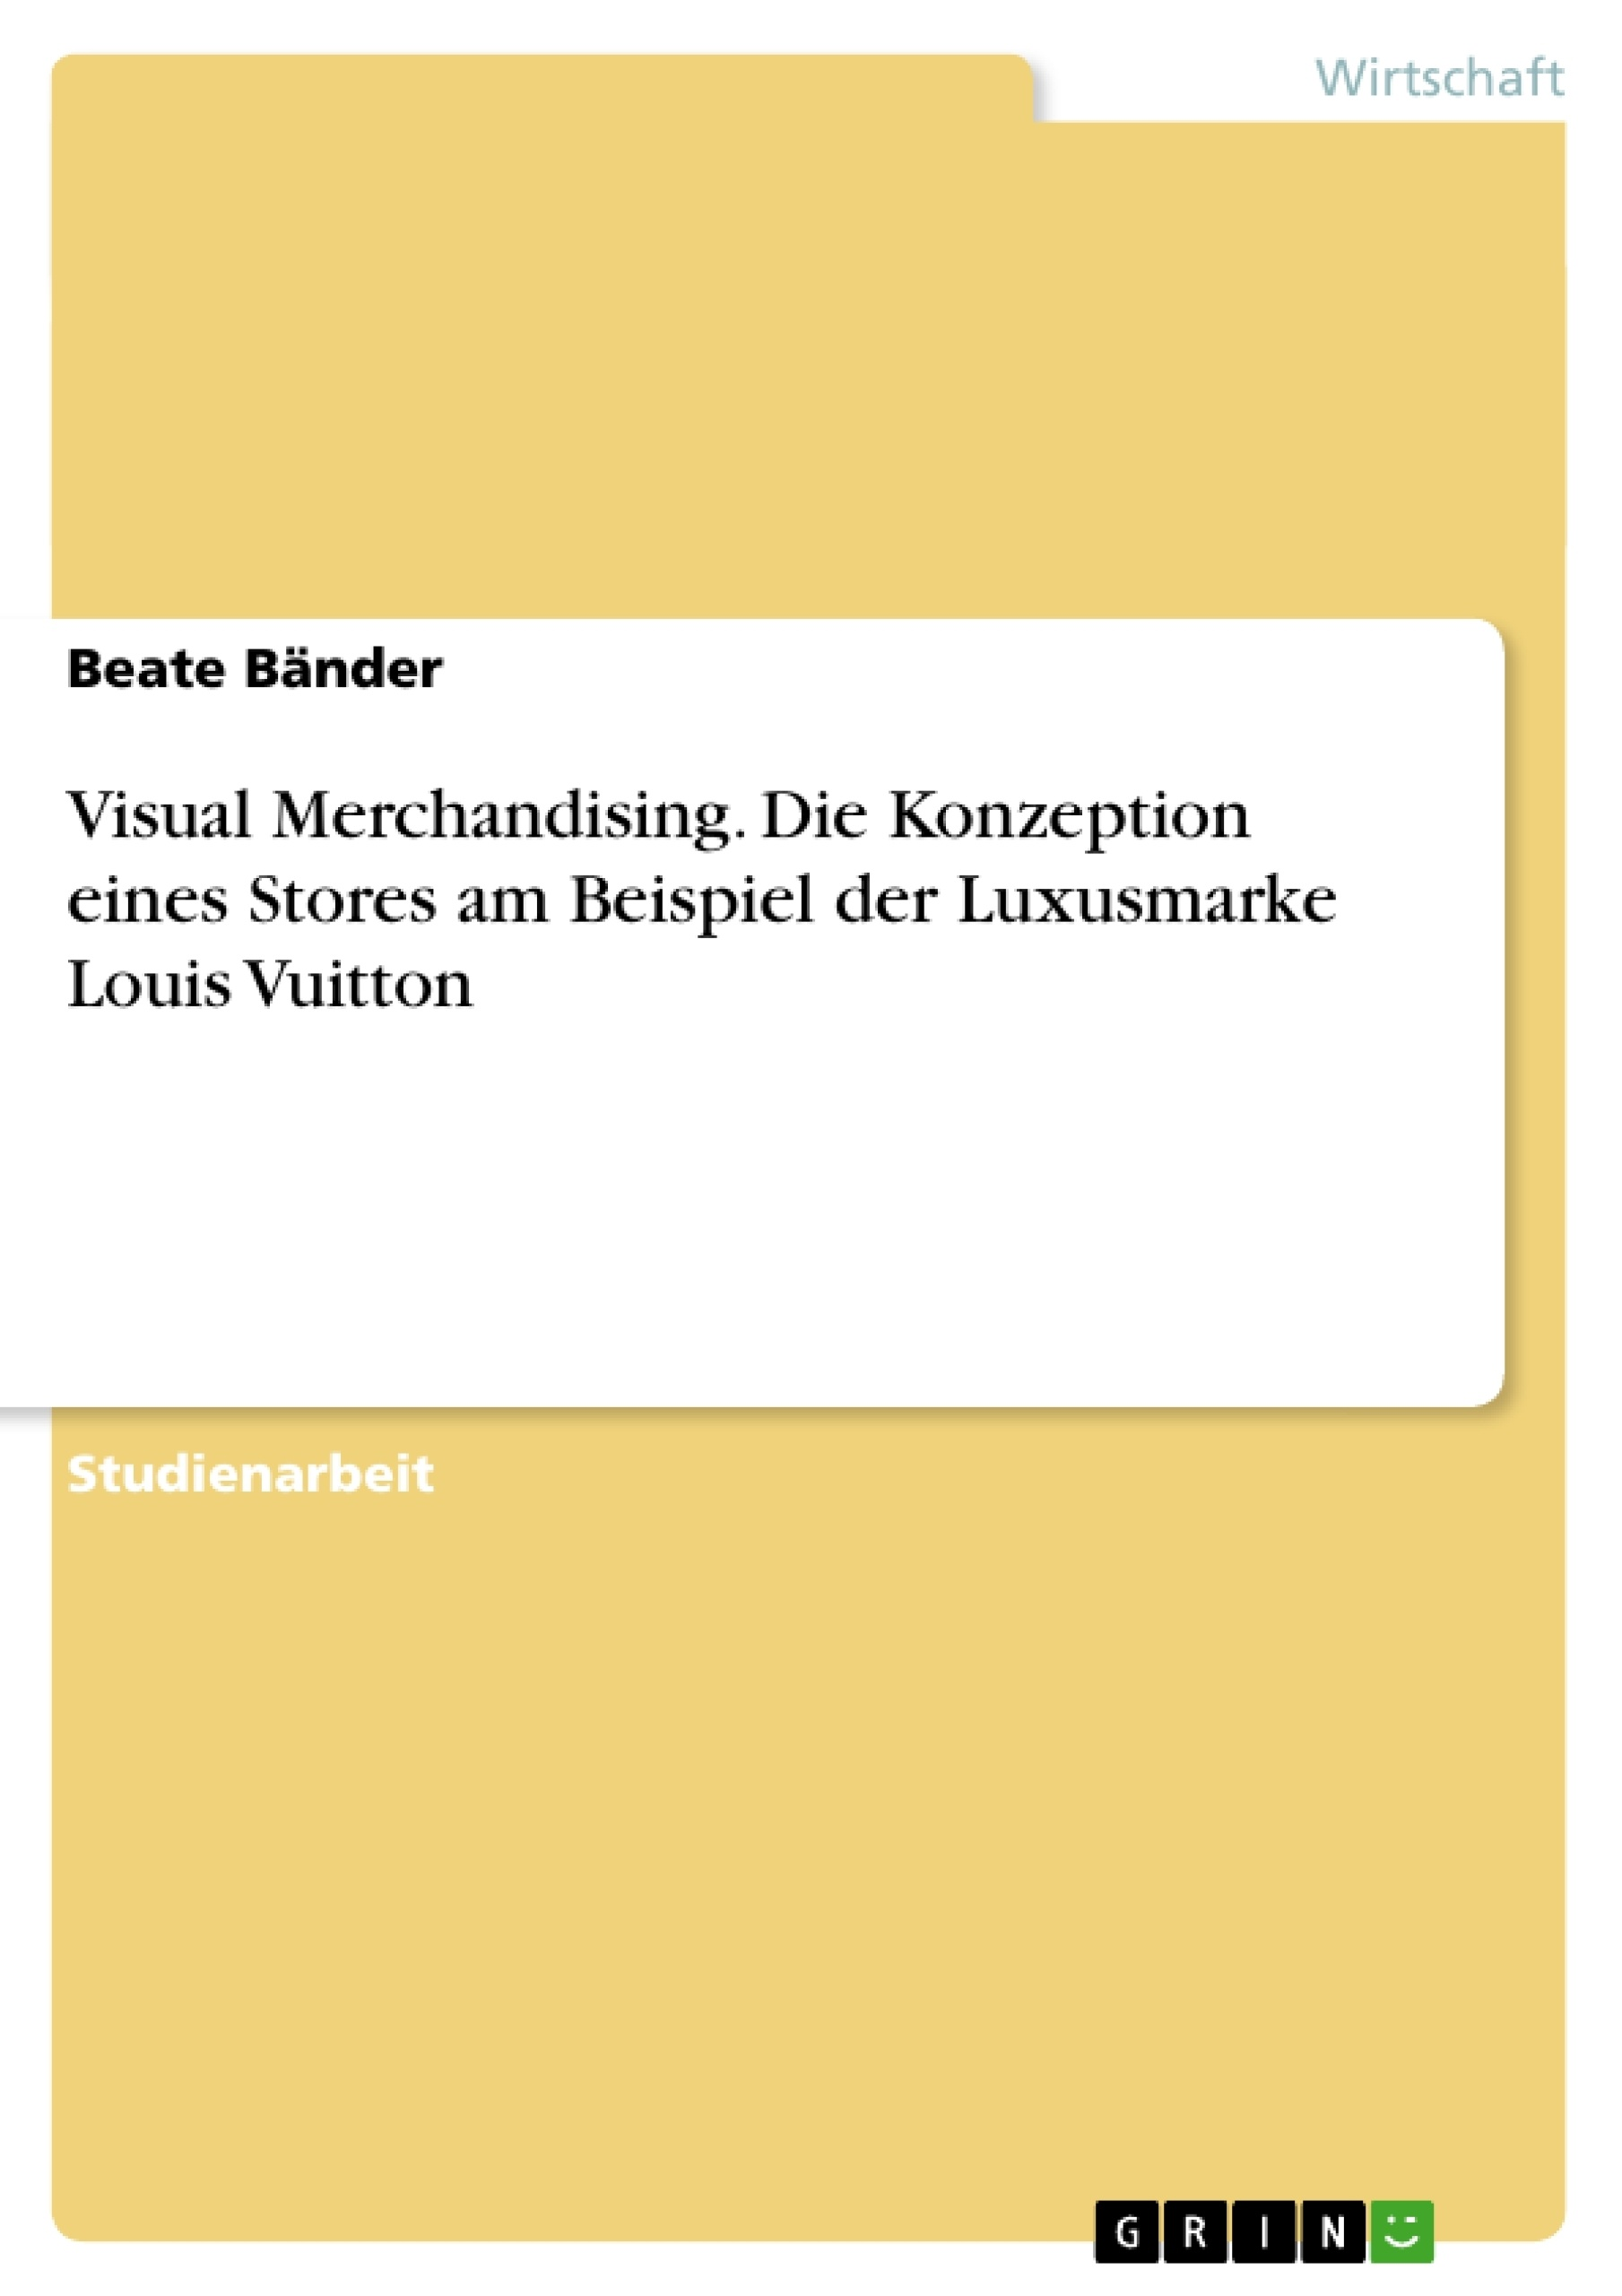 Titel: Visual Merchandising. Die Konzeption eines Stores am Beispiel der Luxusmarke Louis Vuitton